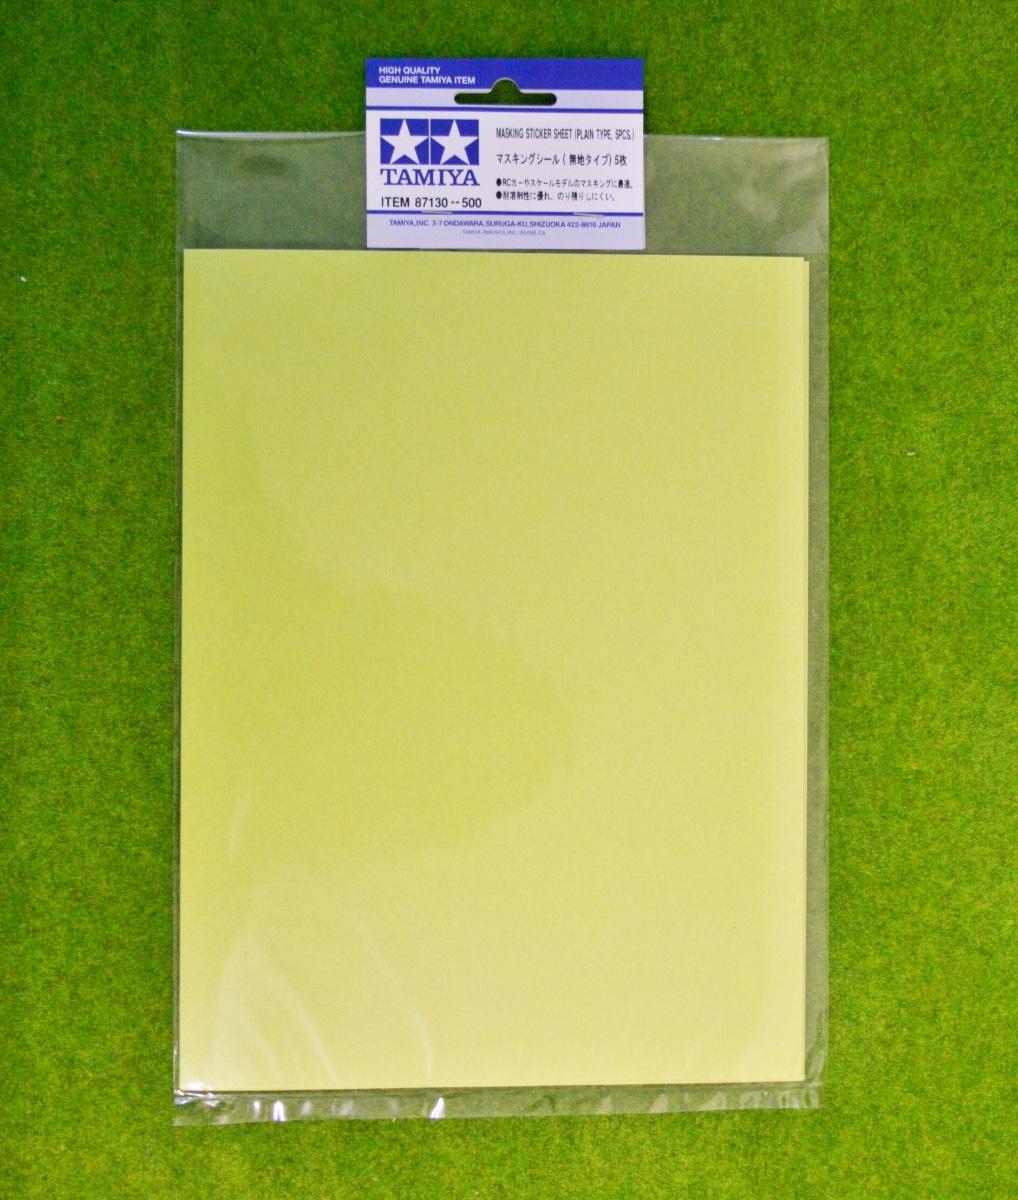 87130-Tamiya-masking-sheet.jpg